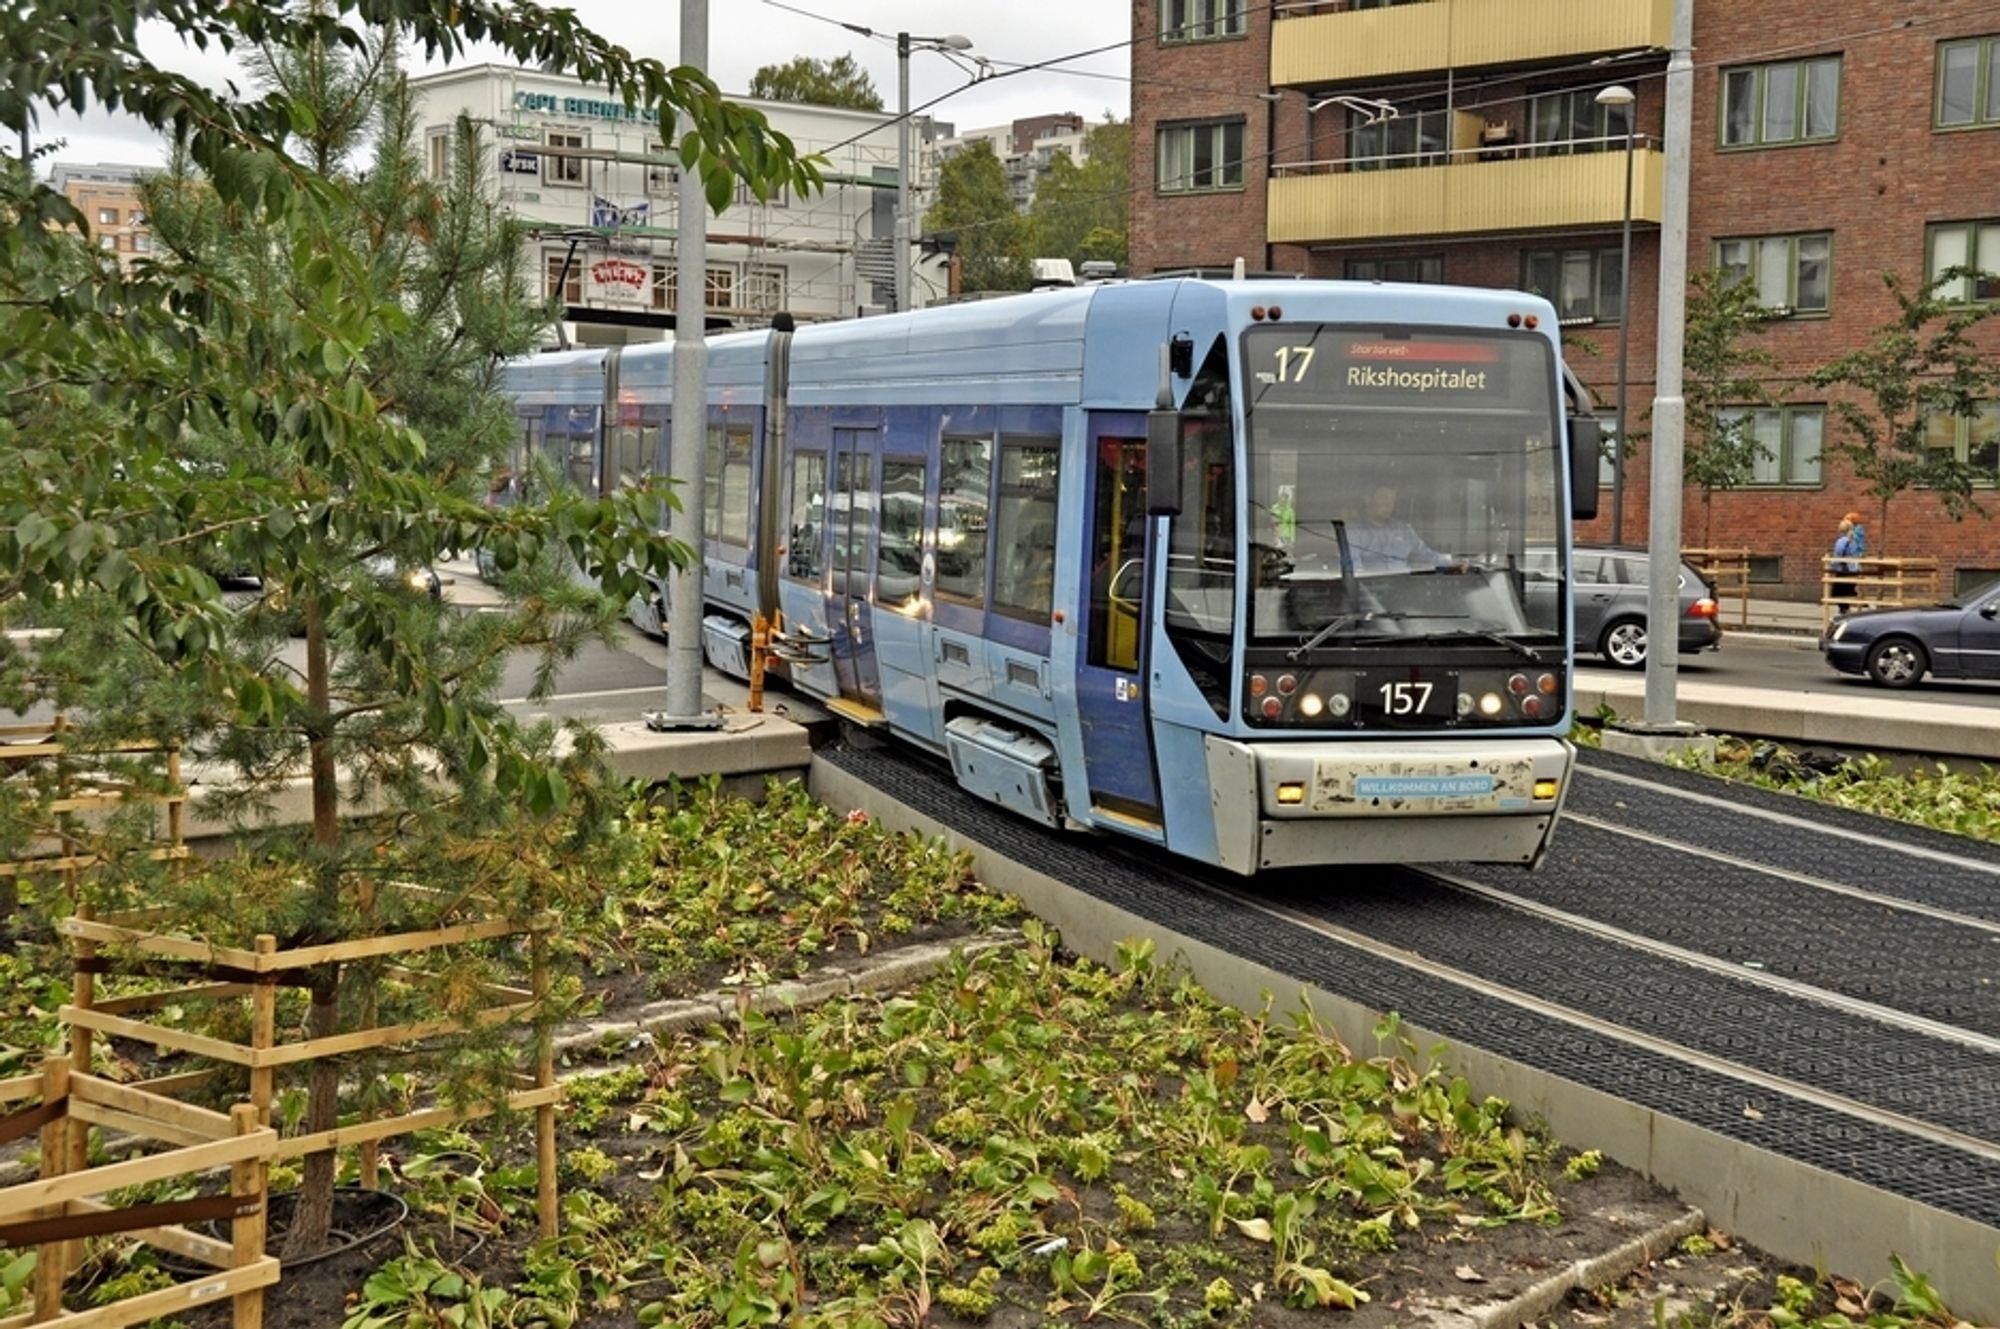 Buss nr. 31 kutter hjørnet i firkantkjøringen. Det tok tid før trafikantene skjønte at de kunne gjøre det. Nå flyter trafikken mye bedre.